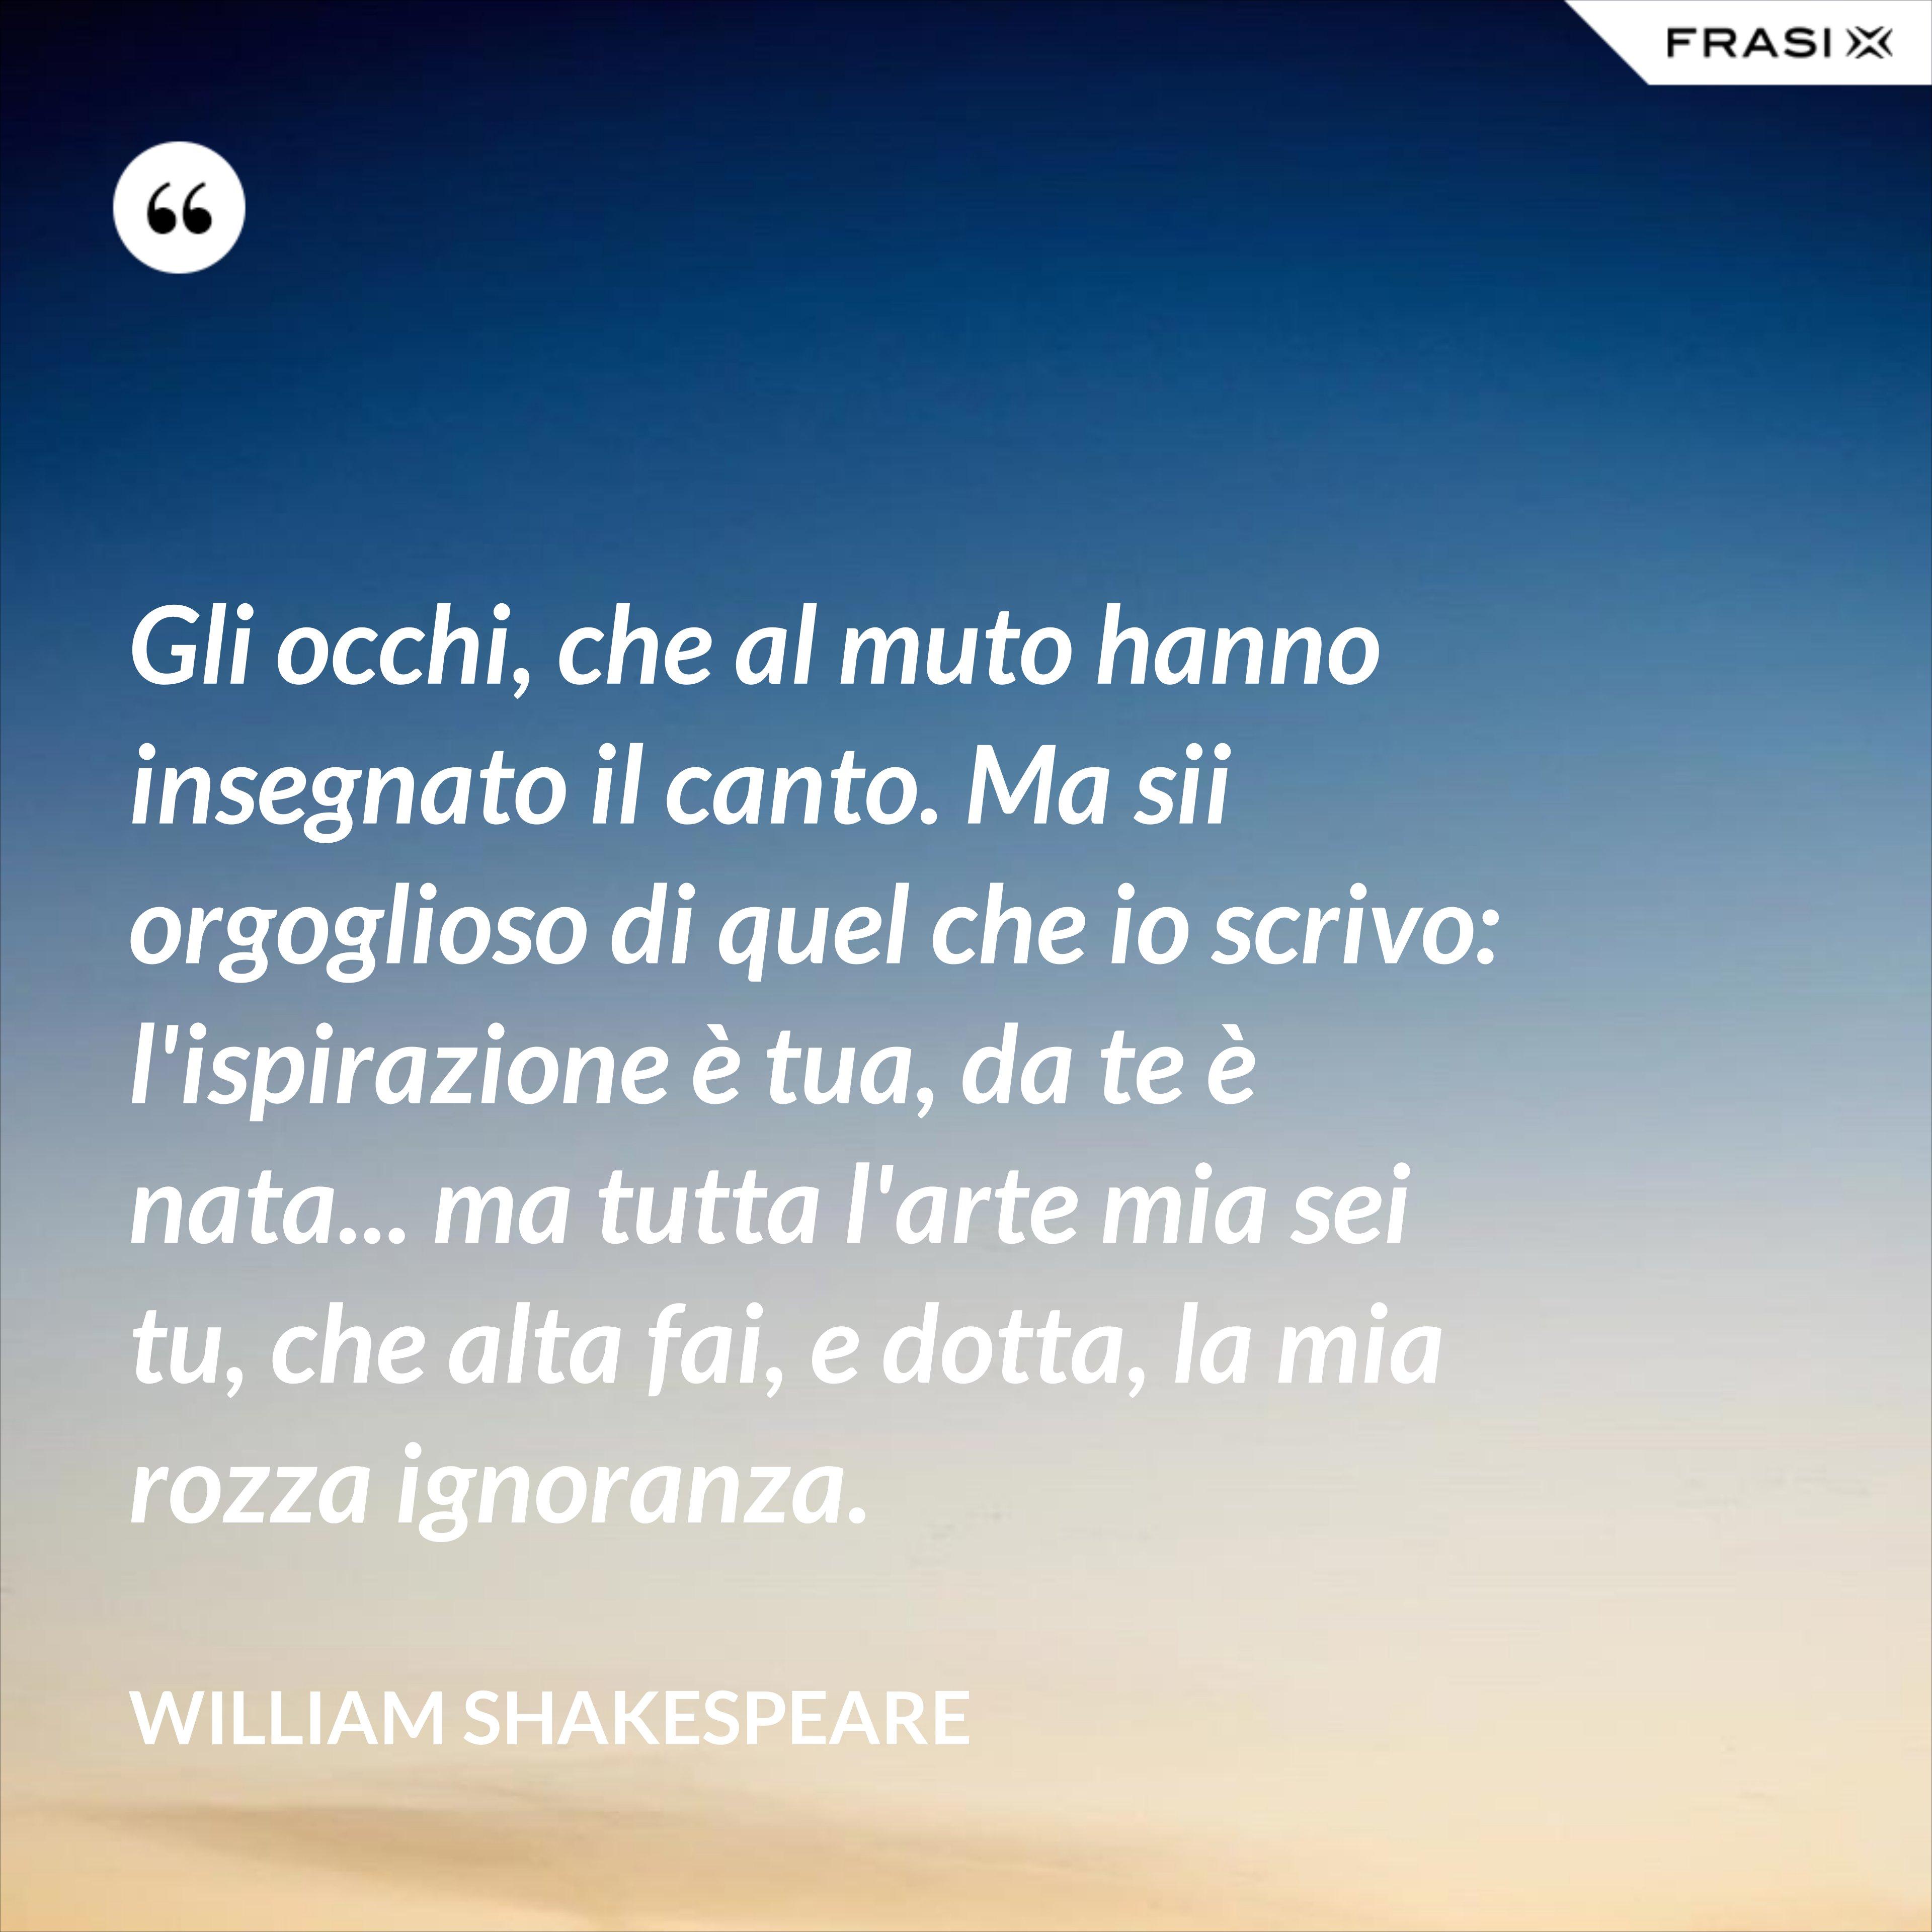 Gli occhi, che al muto hanno insegnato il canto. Ma sii orgoglioso di quel che io scrivo: l'ispirazione è tua, da te è nata... ma tutta l'arte mia sei tu, che alta fai, e dotta, la mia rozza ignoranza. - William Shakespeare